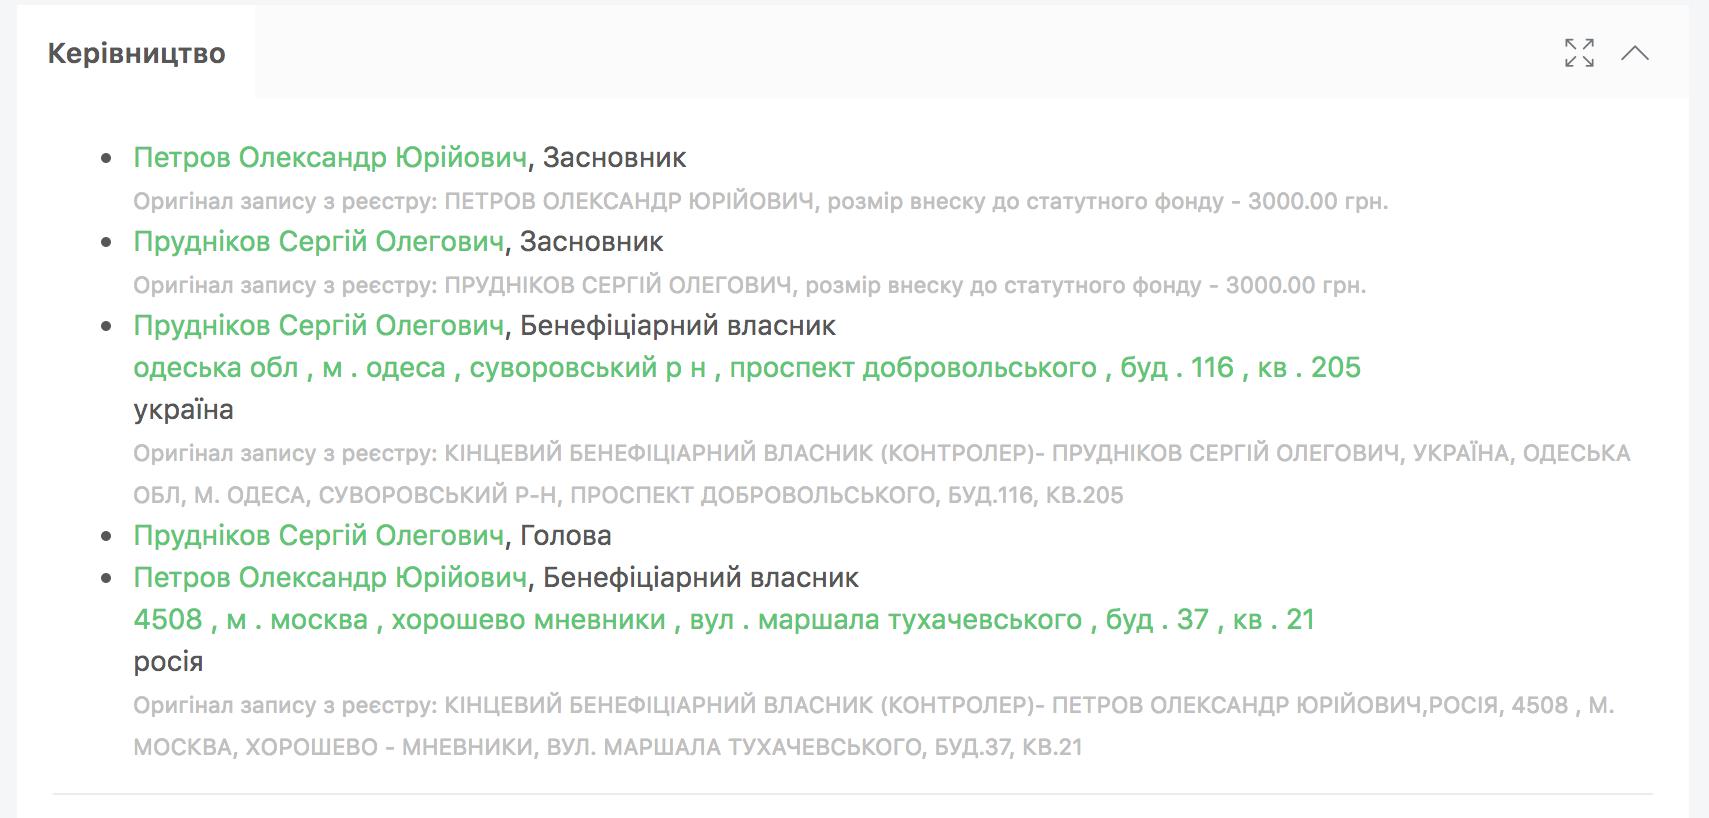 «Отравитель Скрипалей» оказался «кидалой», обманувшим пол-Одессы (ФОТО, ВИДЕО)